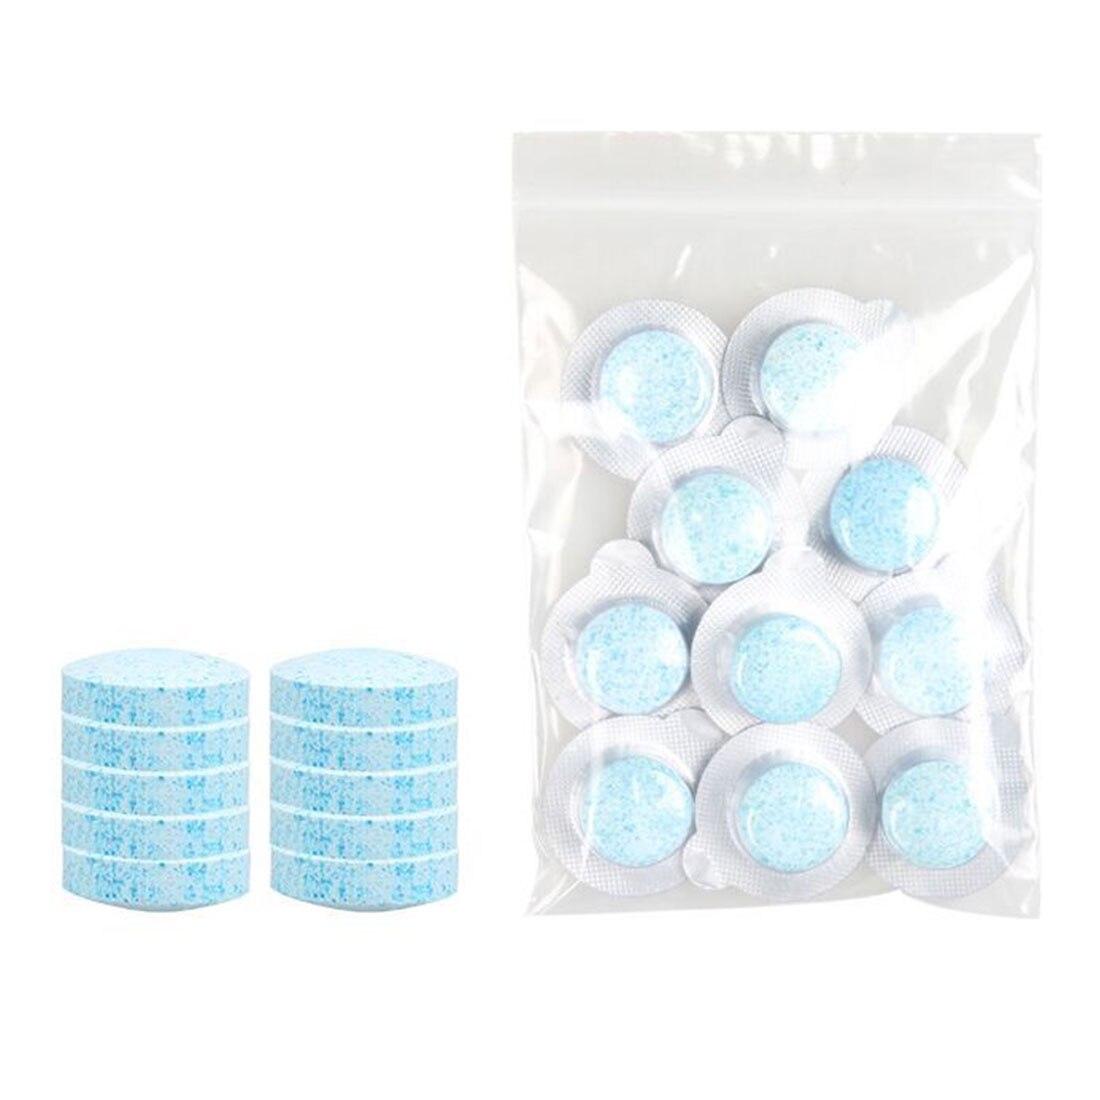 Edc 10 Teile/satz Outdoor Camping Clean Tool Reiniger Reinigung Kompakte Pillen Brause Tabletten Glas Wasser Feste Wischer Seien Sie Im Design Neu